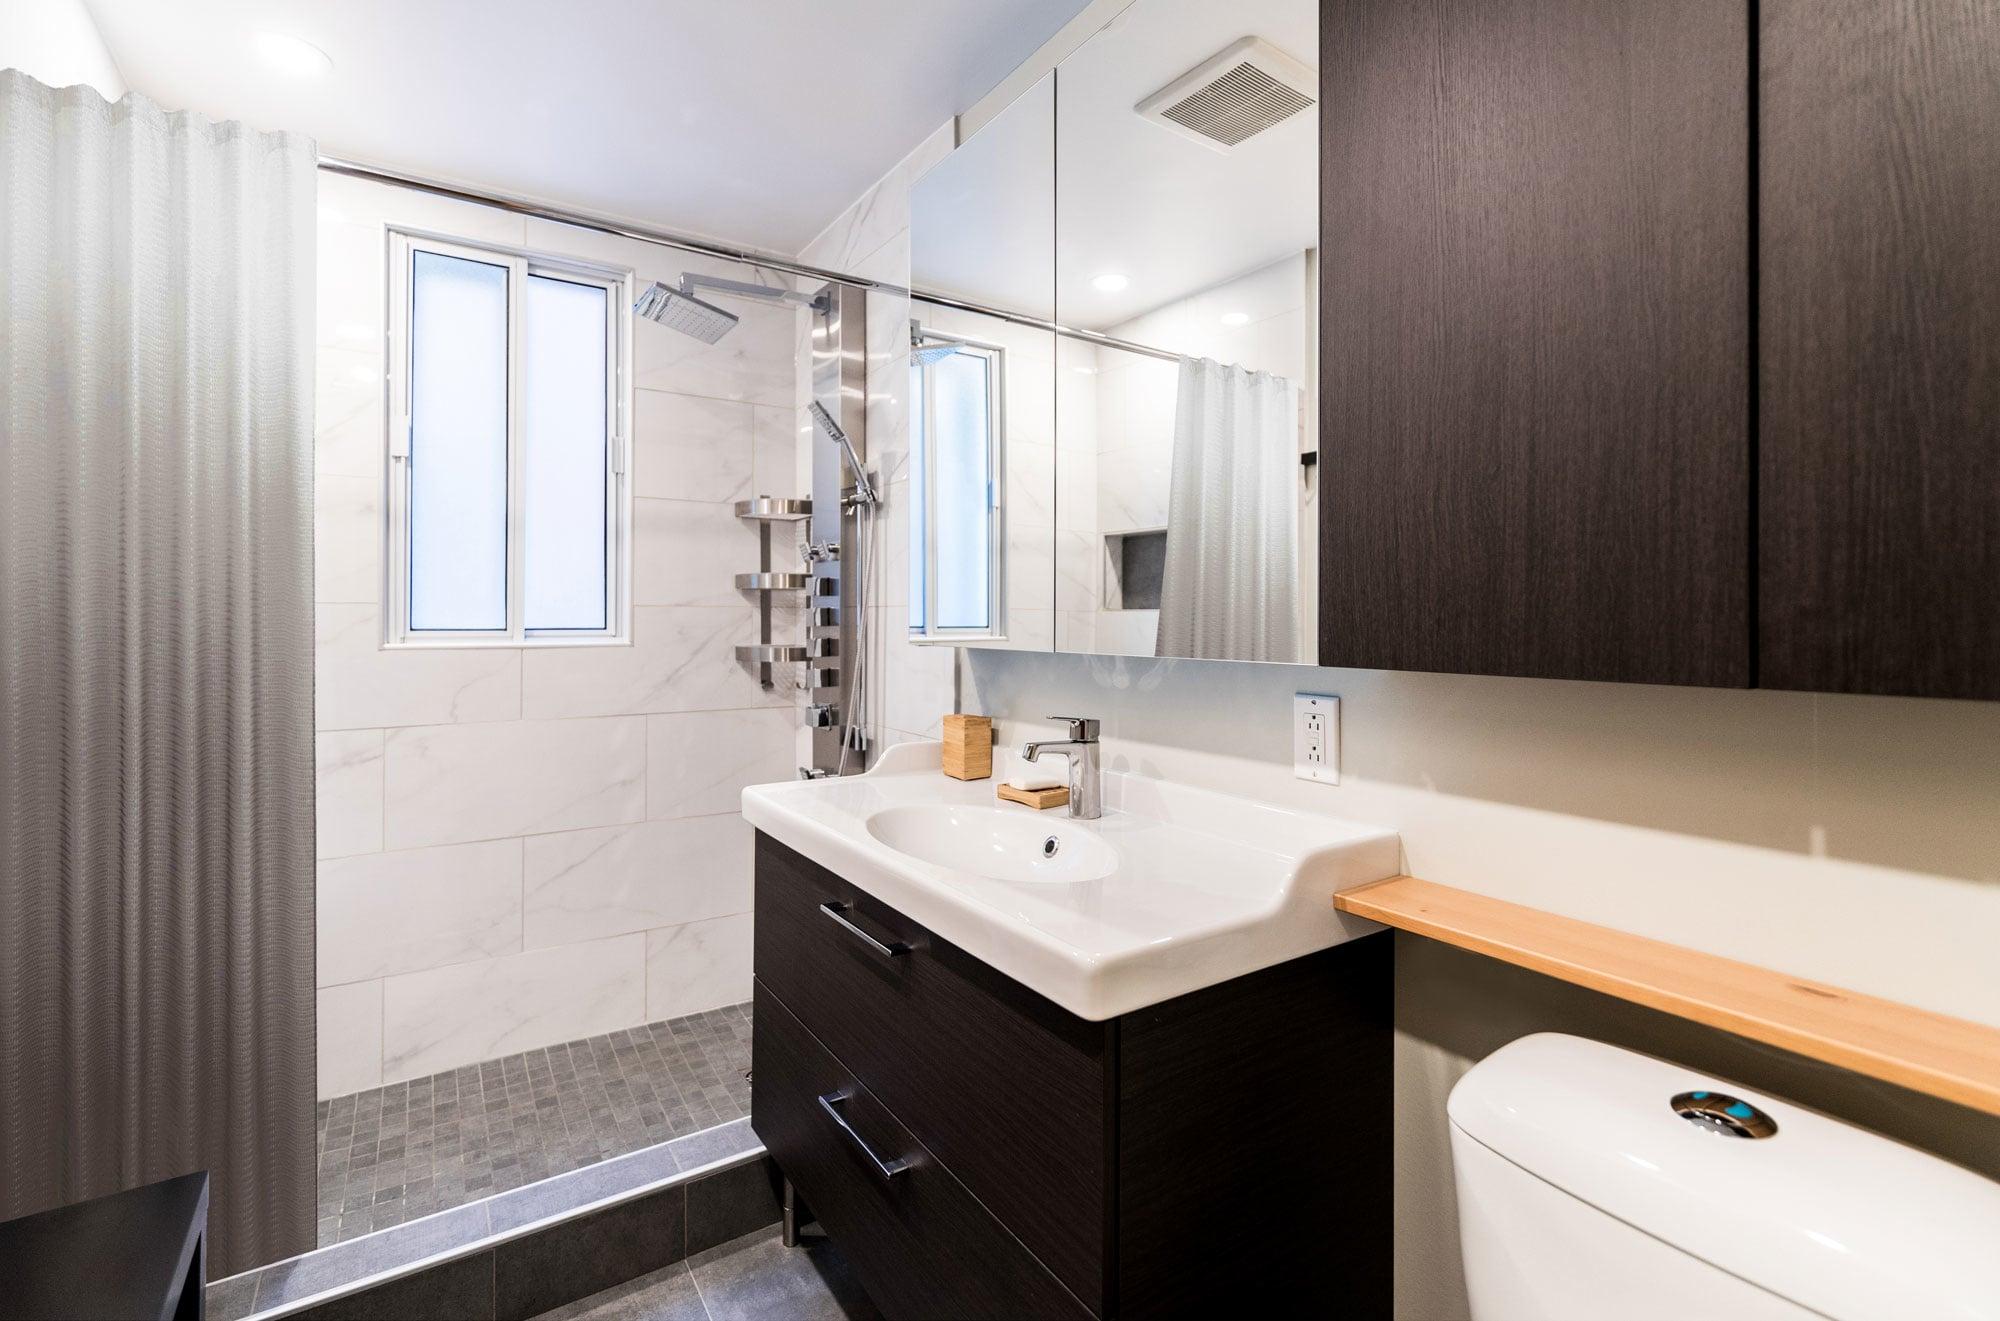 salle de bain contemporaine rénovée avec douche en céramique